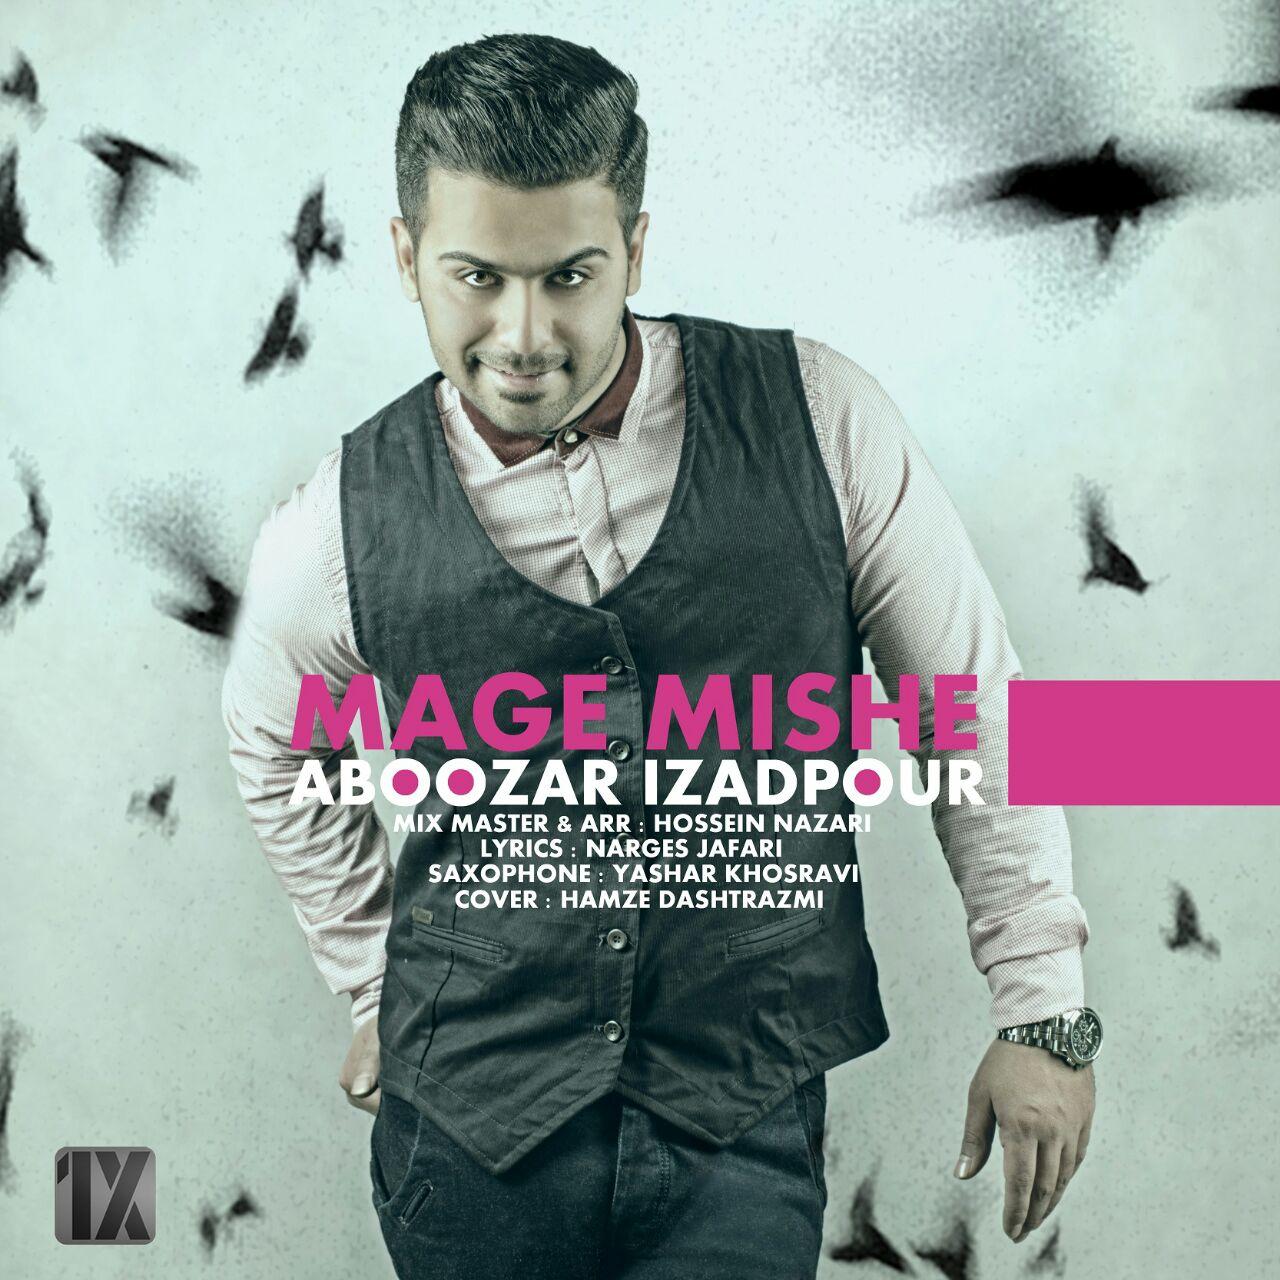 دانلود آهنگ جدید ابوذر ایزدپور به نام مگه میشه